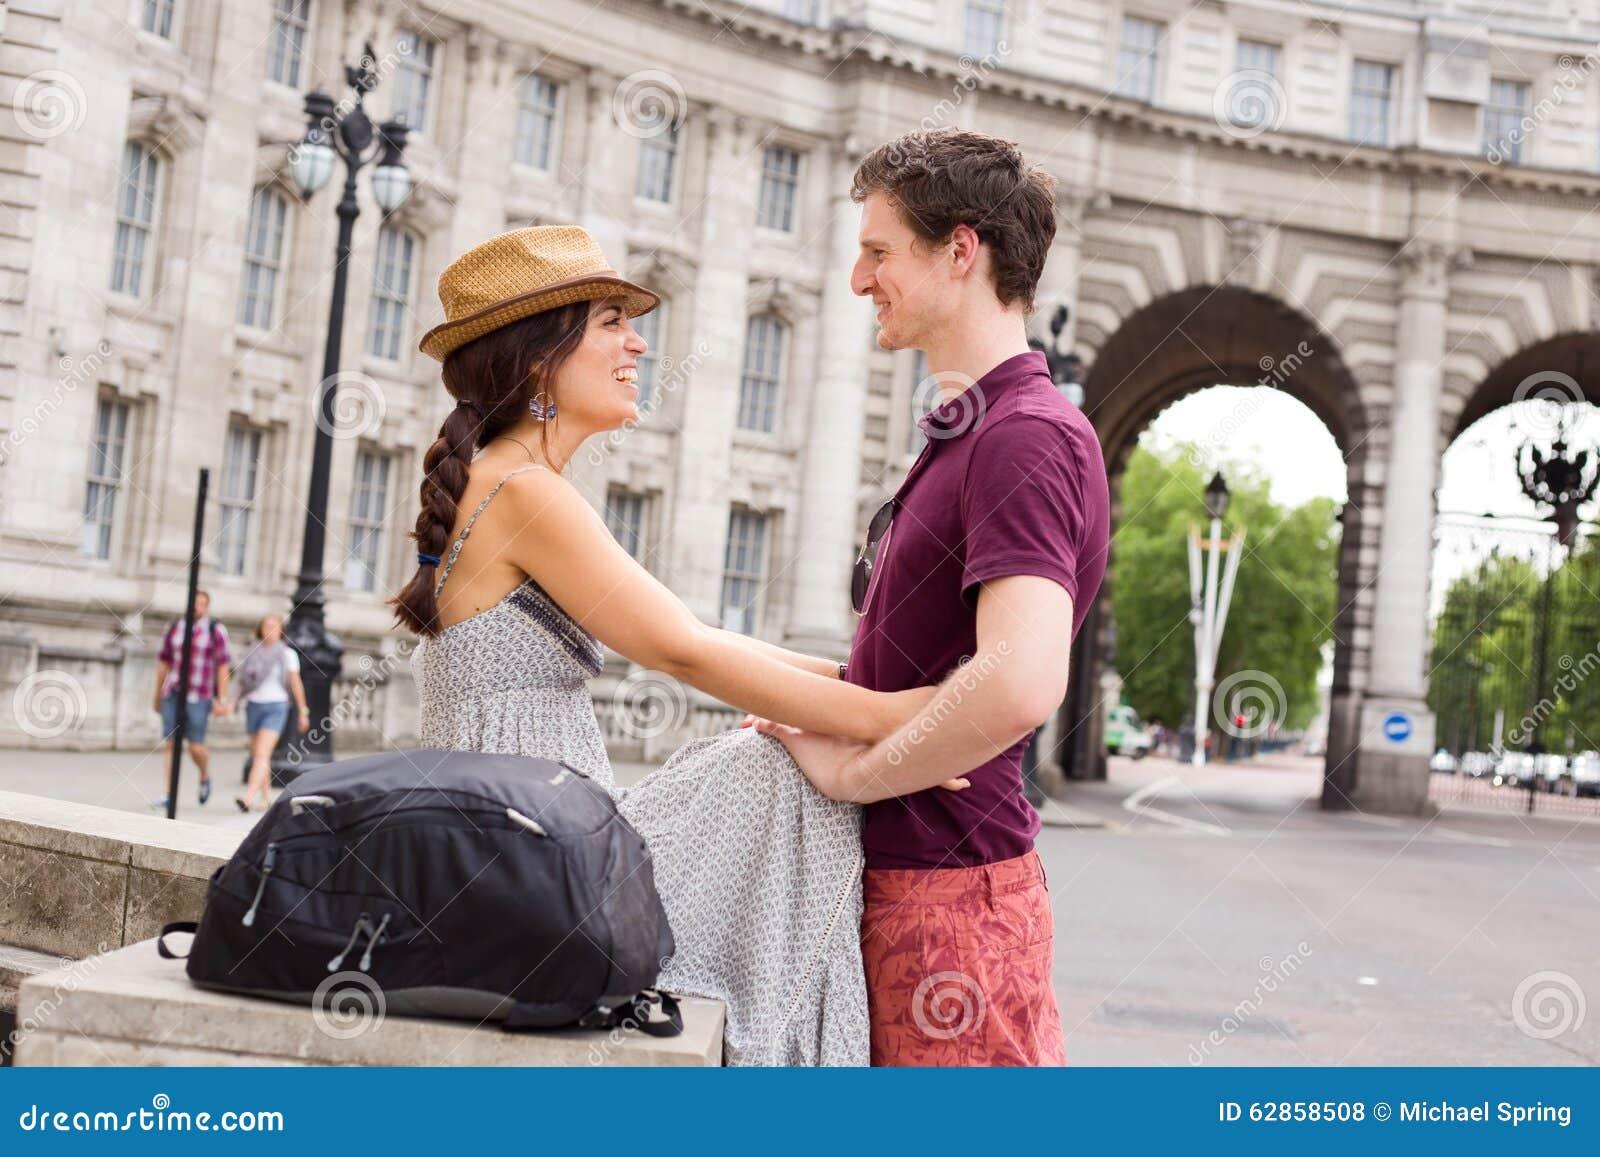 London-Datierung kostenlose Seiten Dating-jackson ms